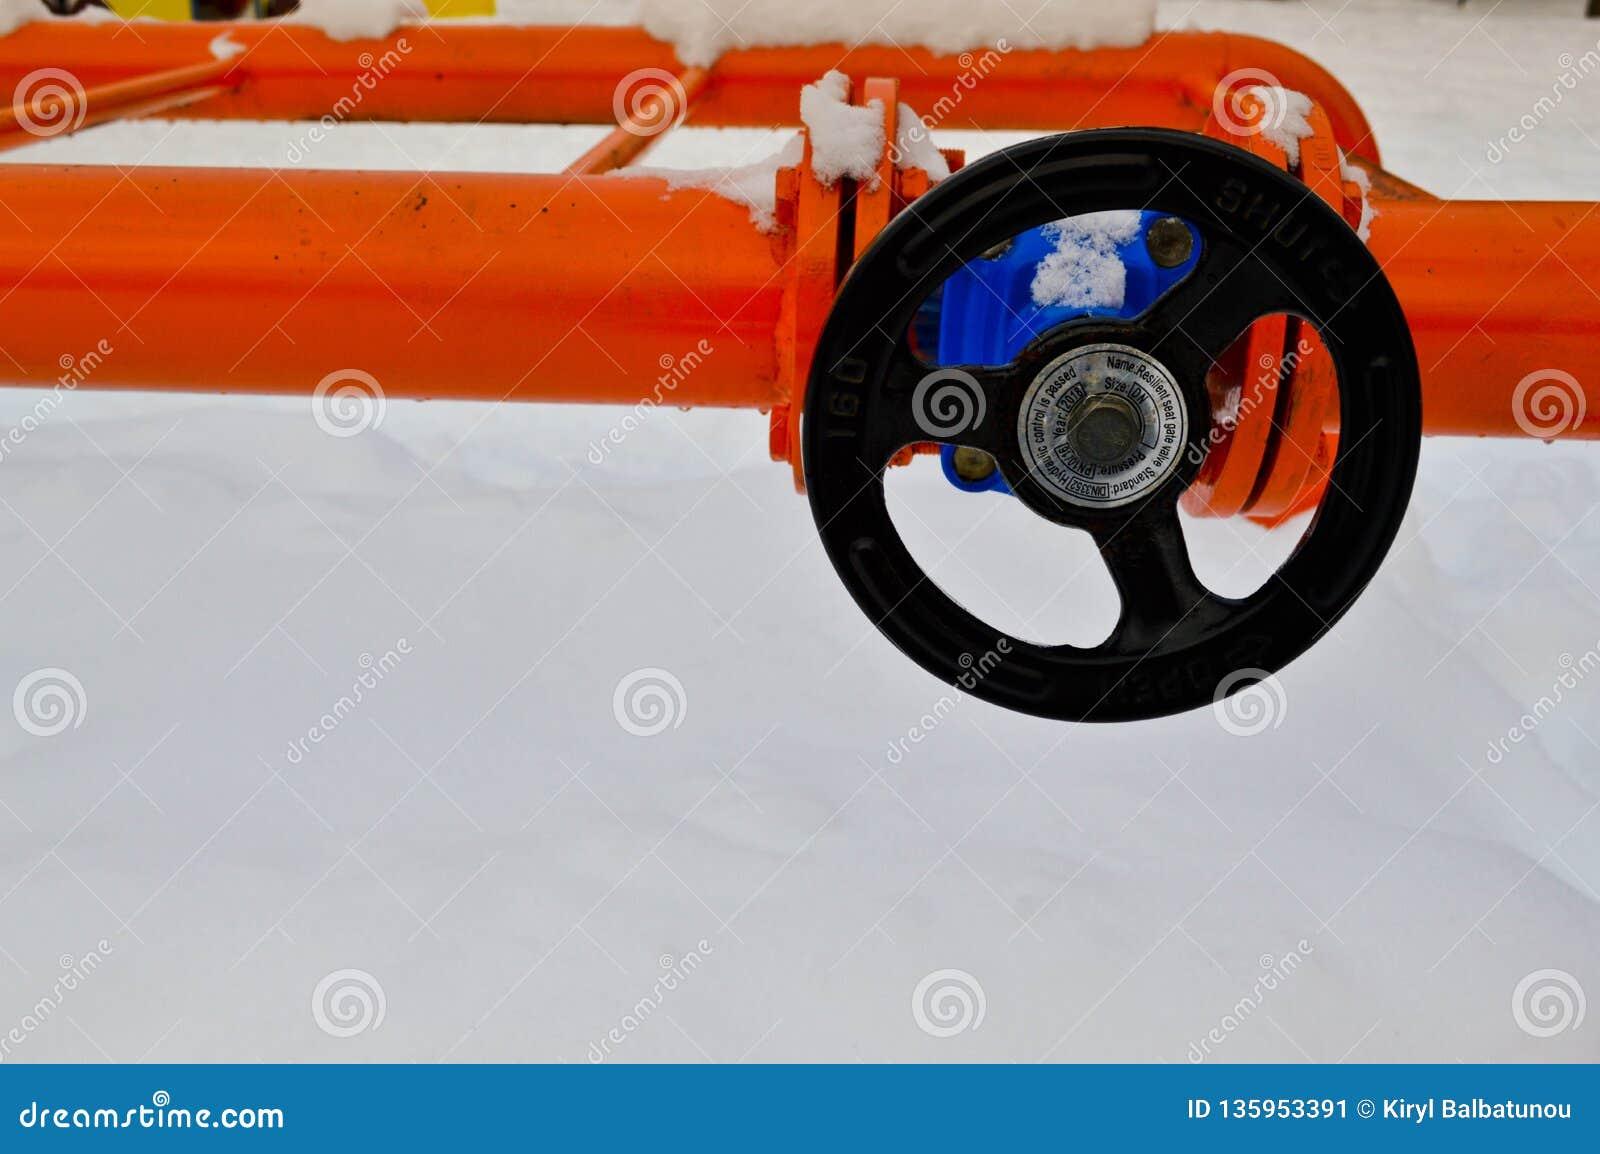 Interruption industrielle réglant la valve noire protectrice de garnitures de tuyau pour s ouvrir, se fermant sur un tuyau orange